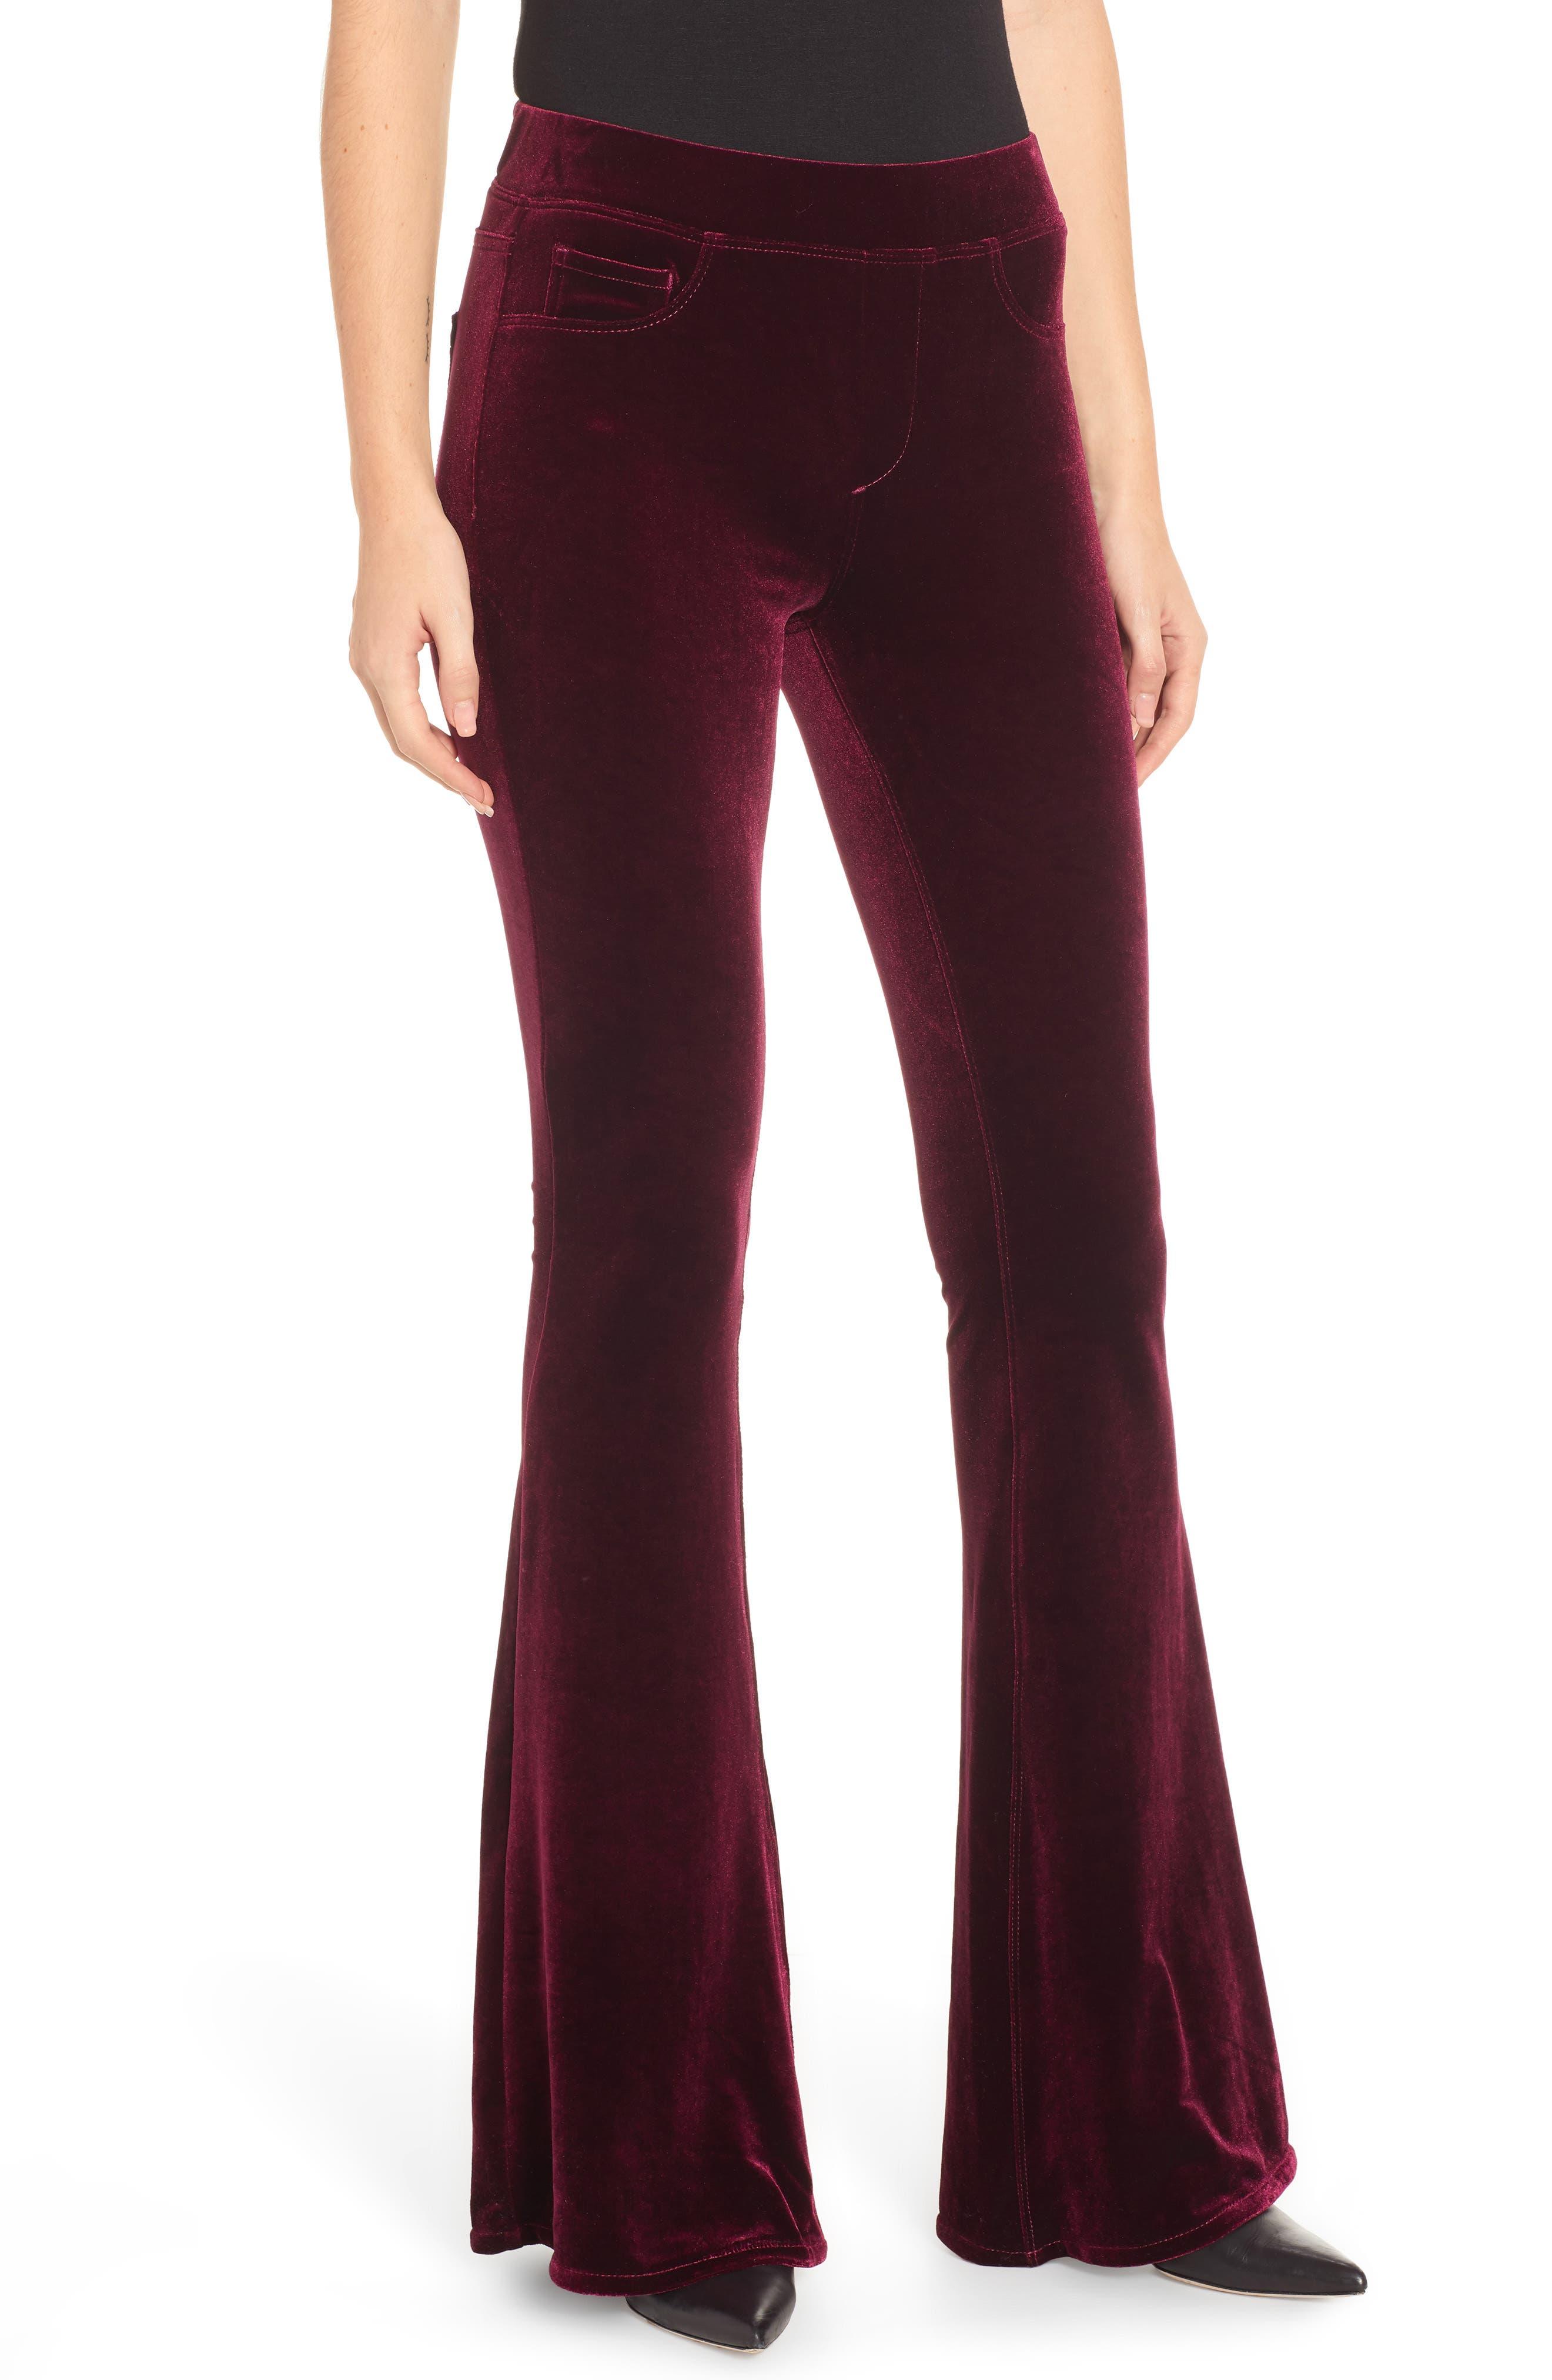 Blanknyc Velvet Flare Pants, Burgundy